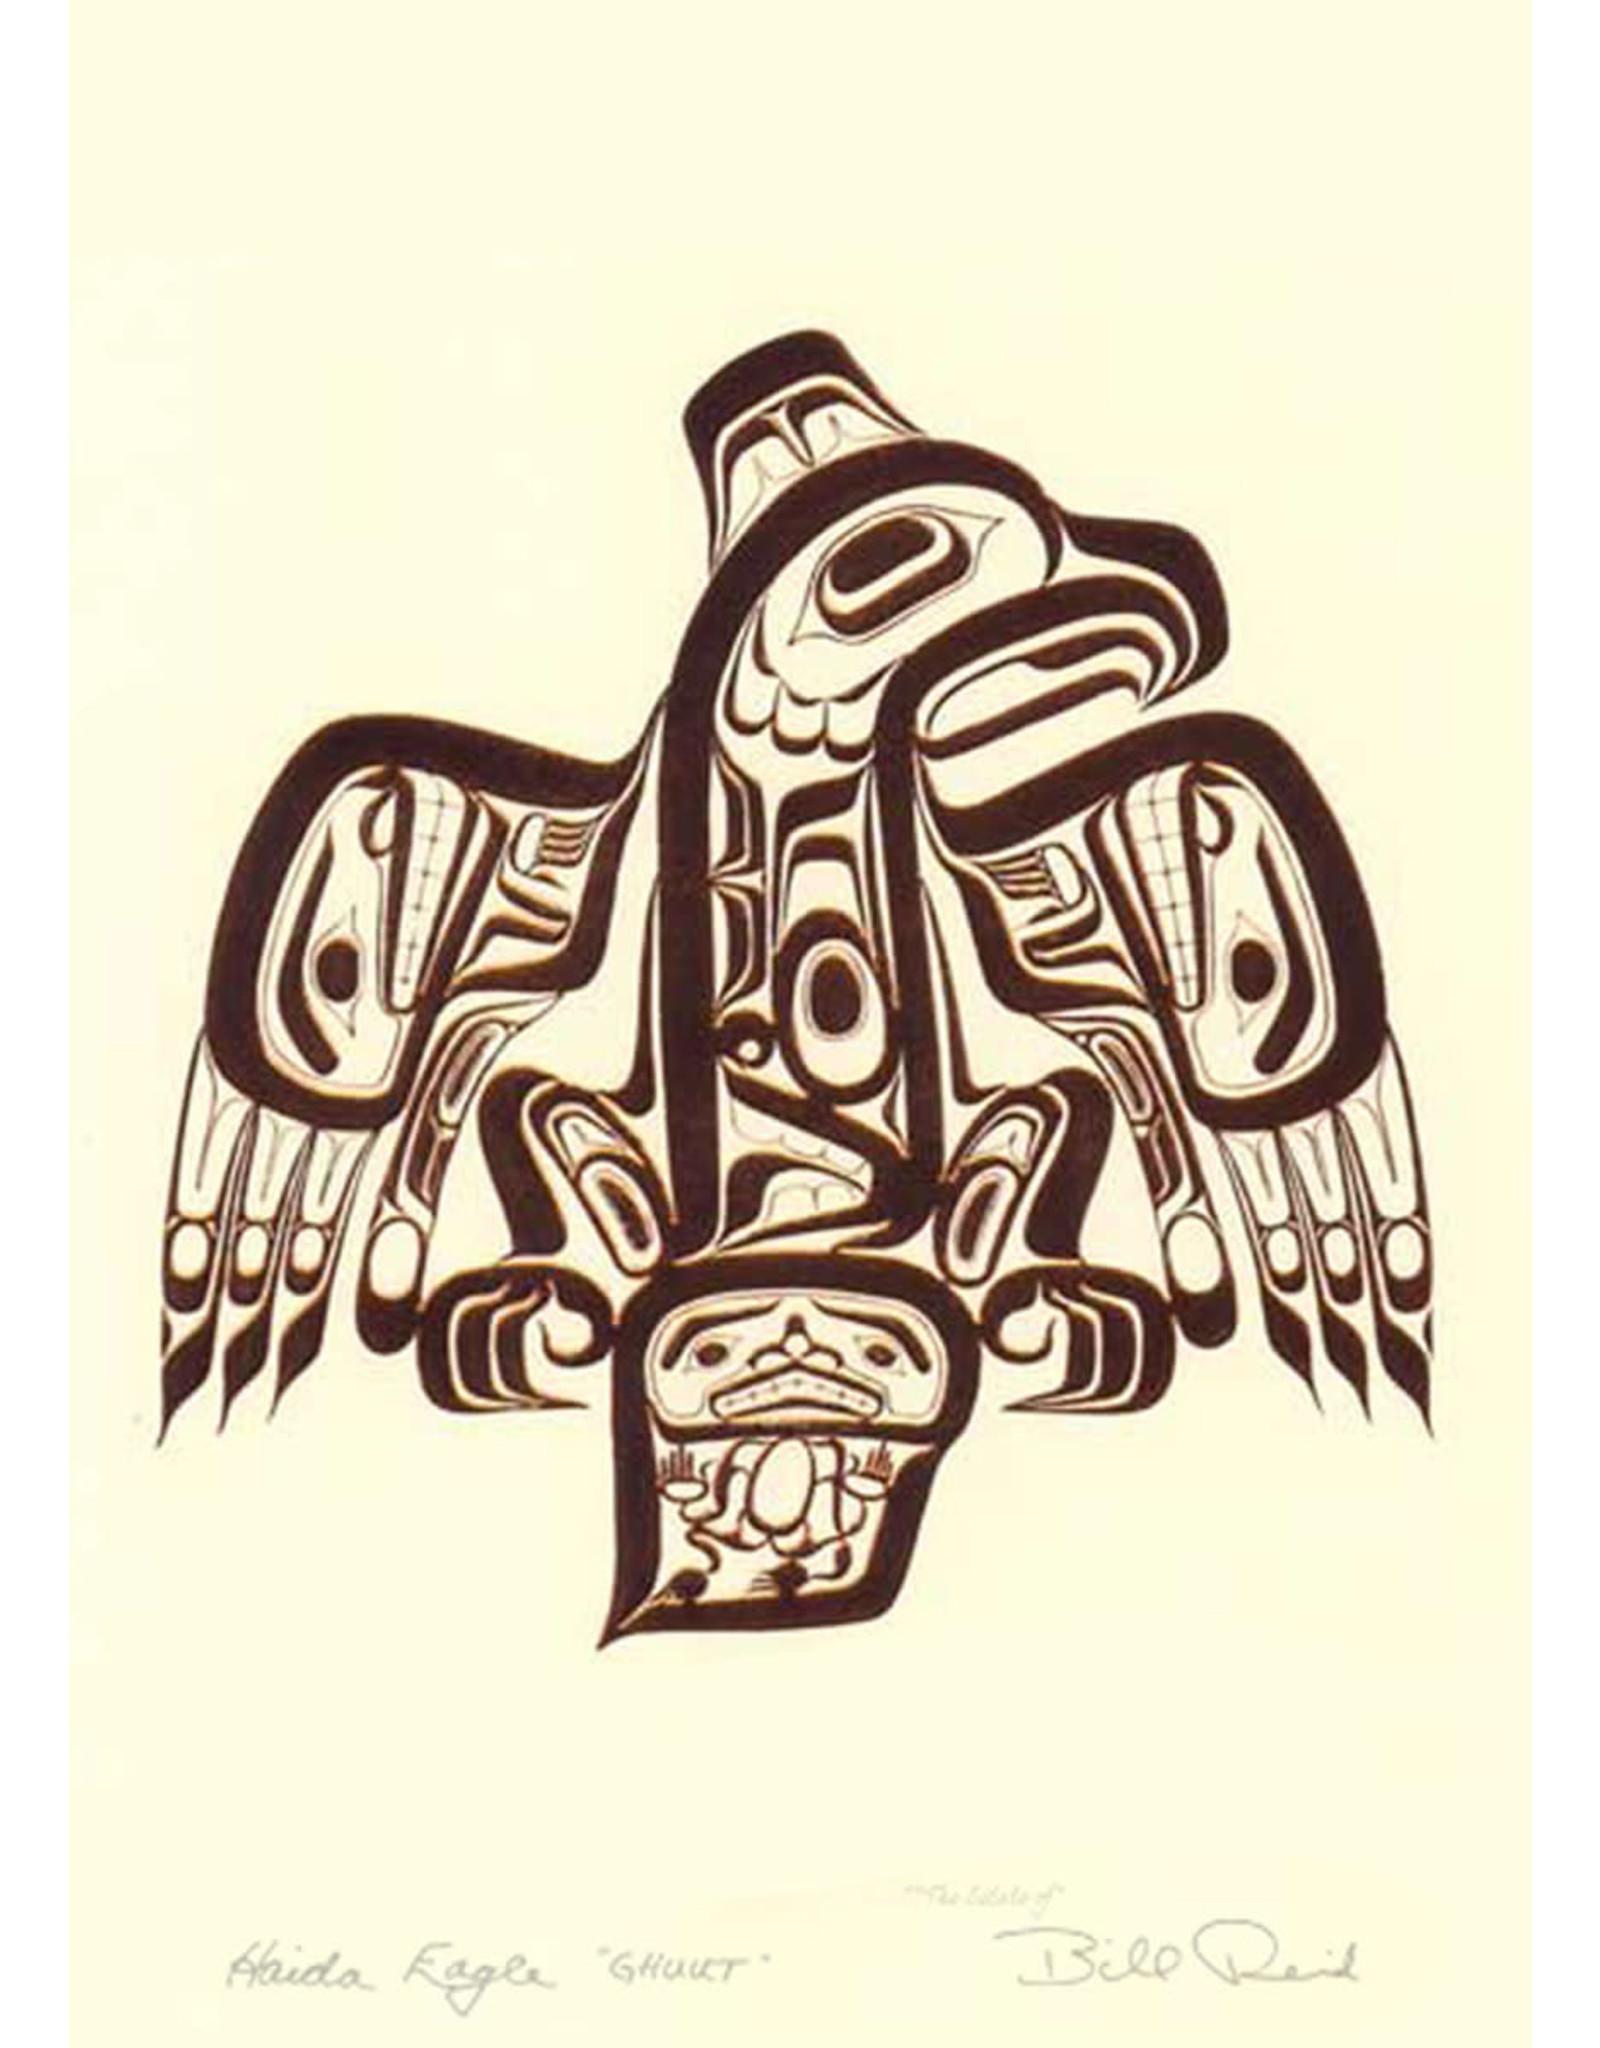 Haida Eagle Ghuut by Bill Reid Card